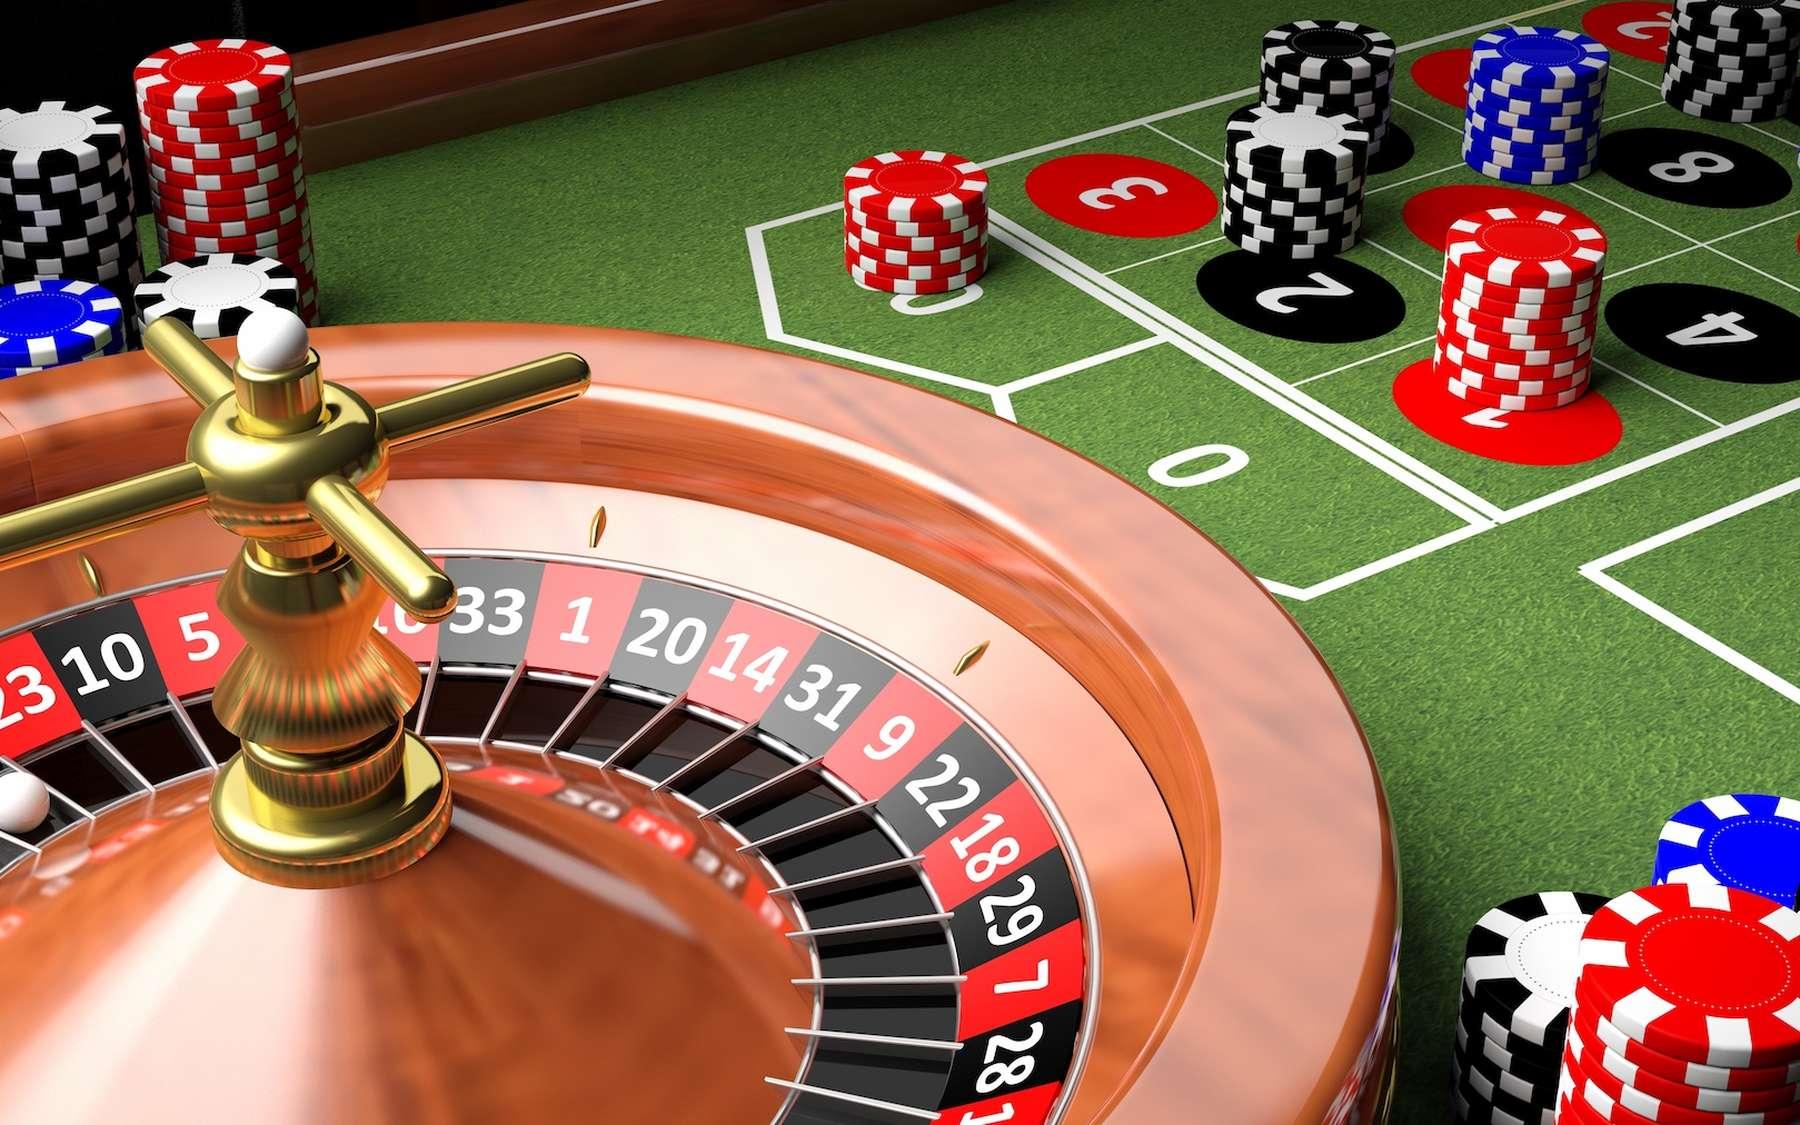 Les jeux d'argent affectent notre capacité à raisonner de manière logique. © viperagp, Adobe Stock